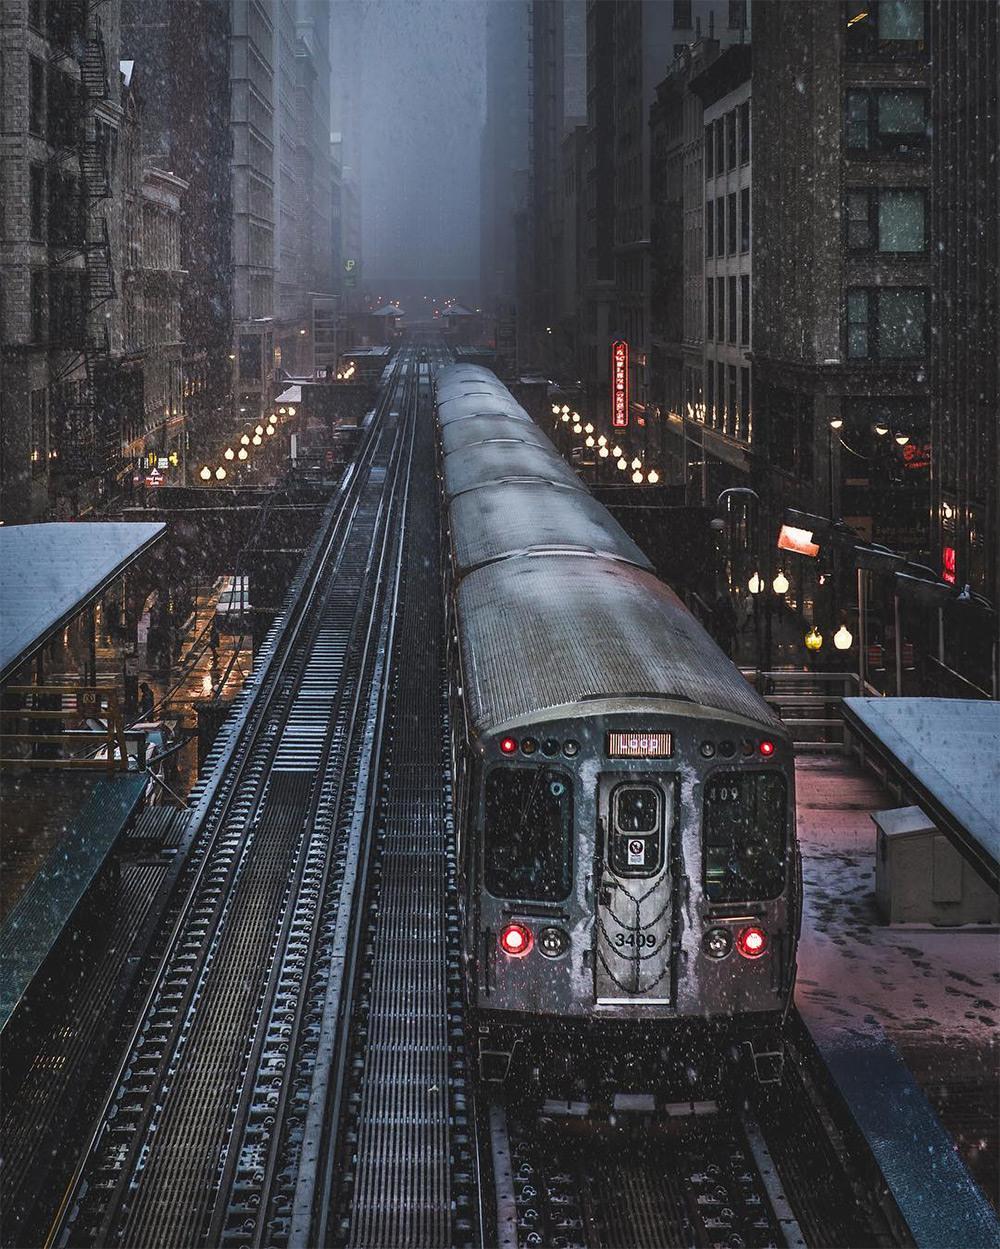 Chikago-fotograf-Mayk-Meyers_3